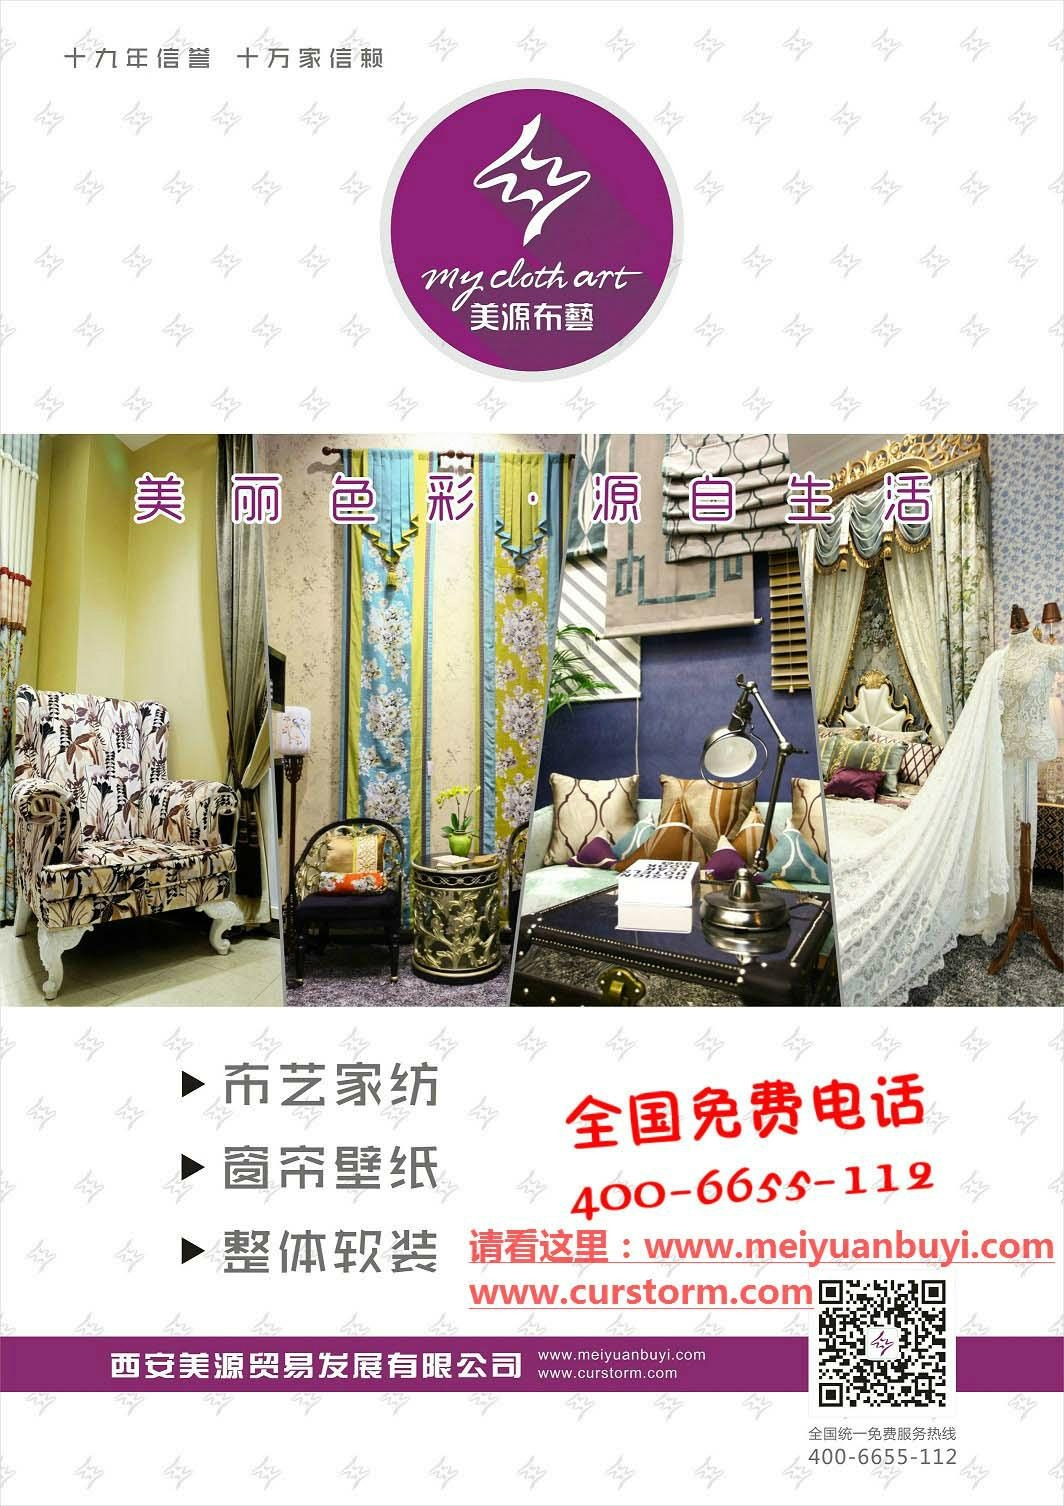 美源布艺产品展示 5